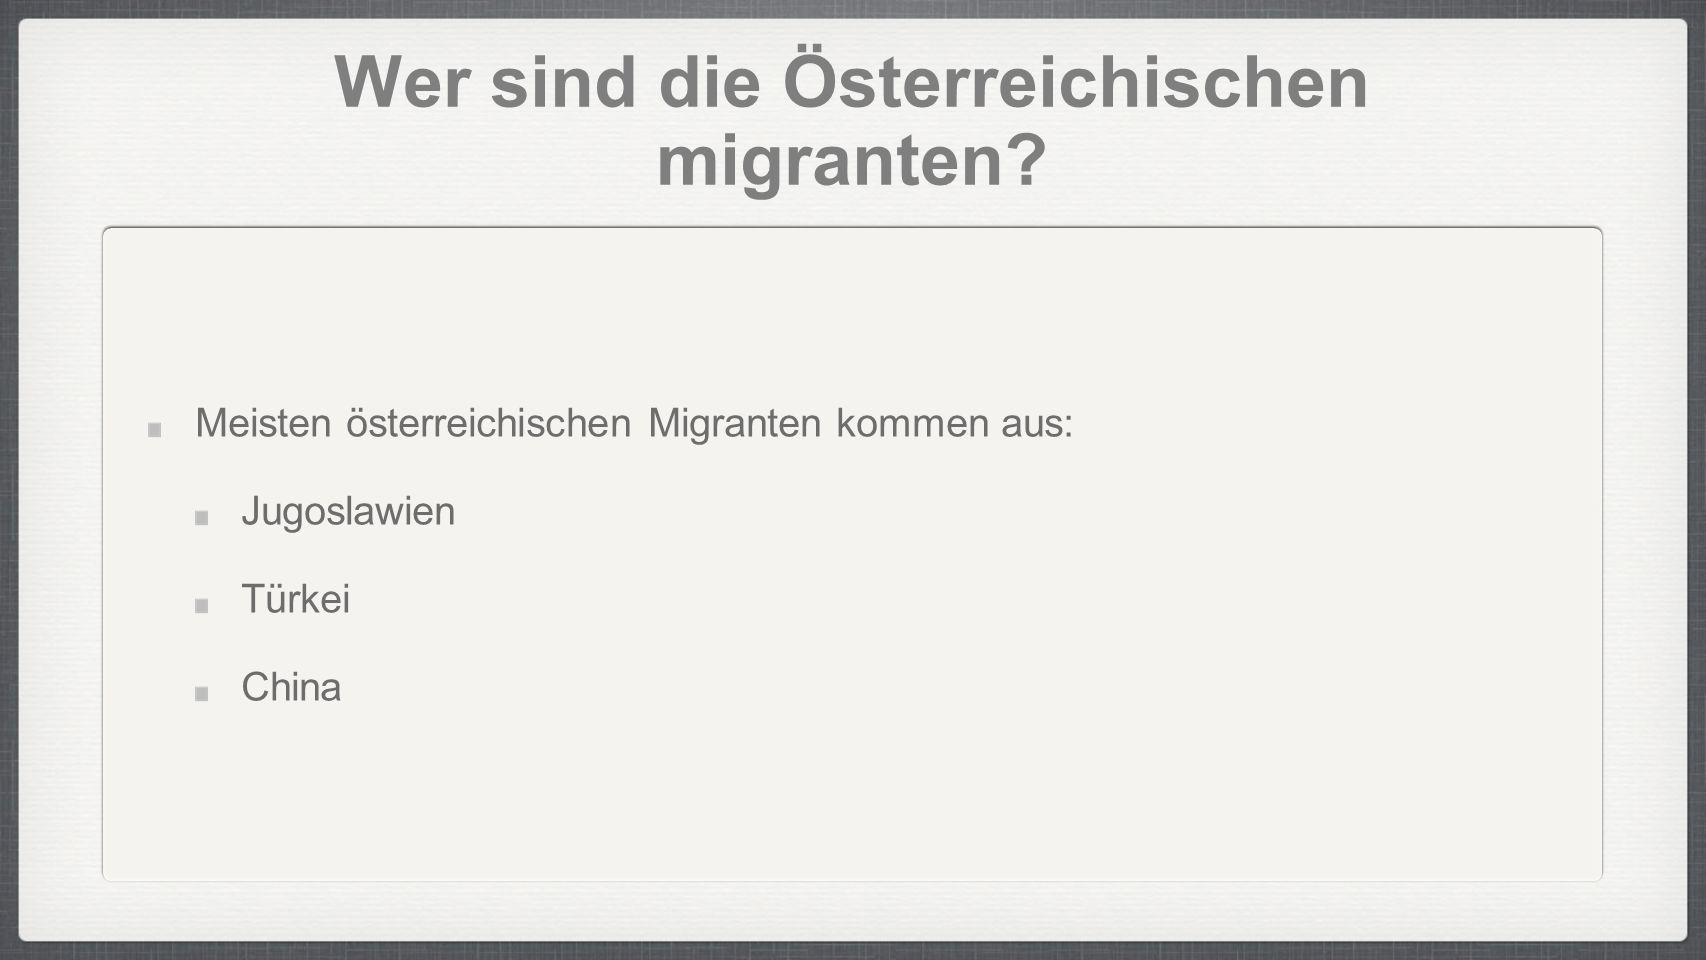 Wer sind die Österreichischen migranten